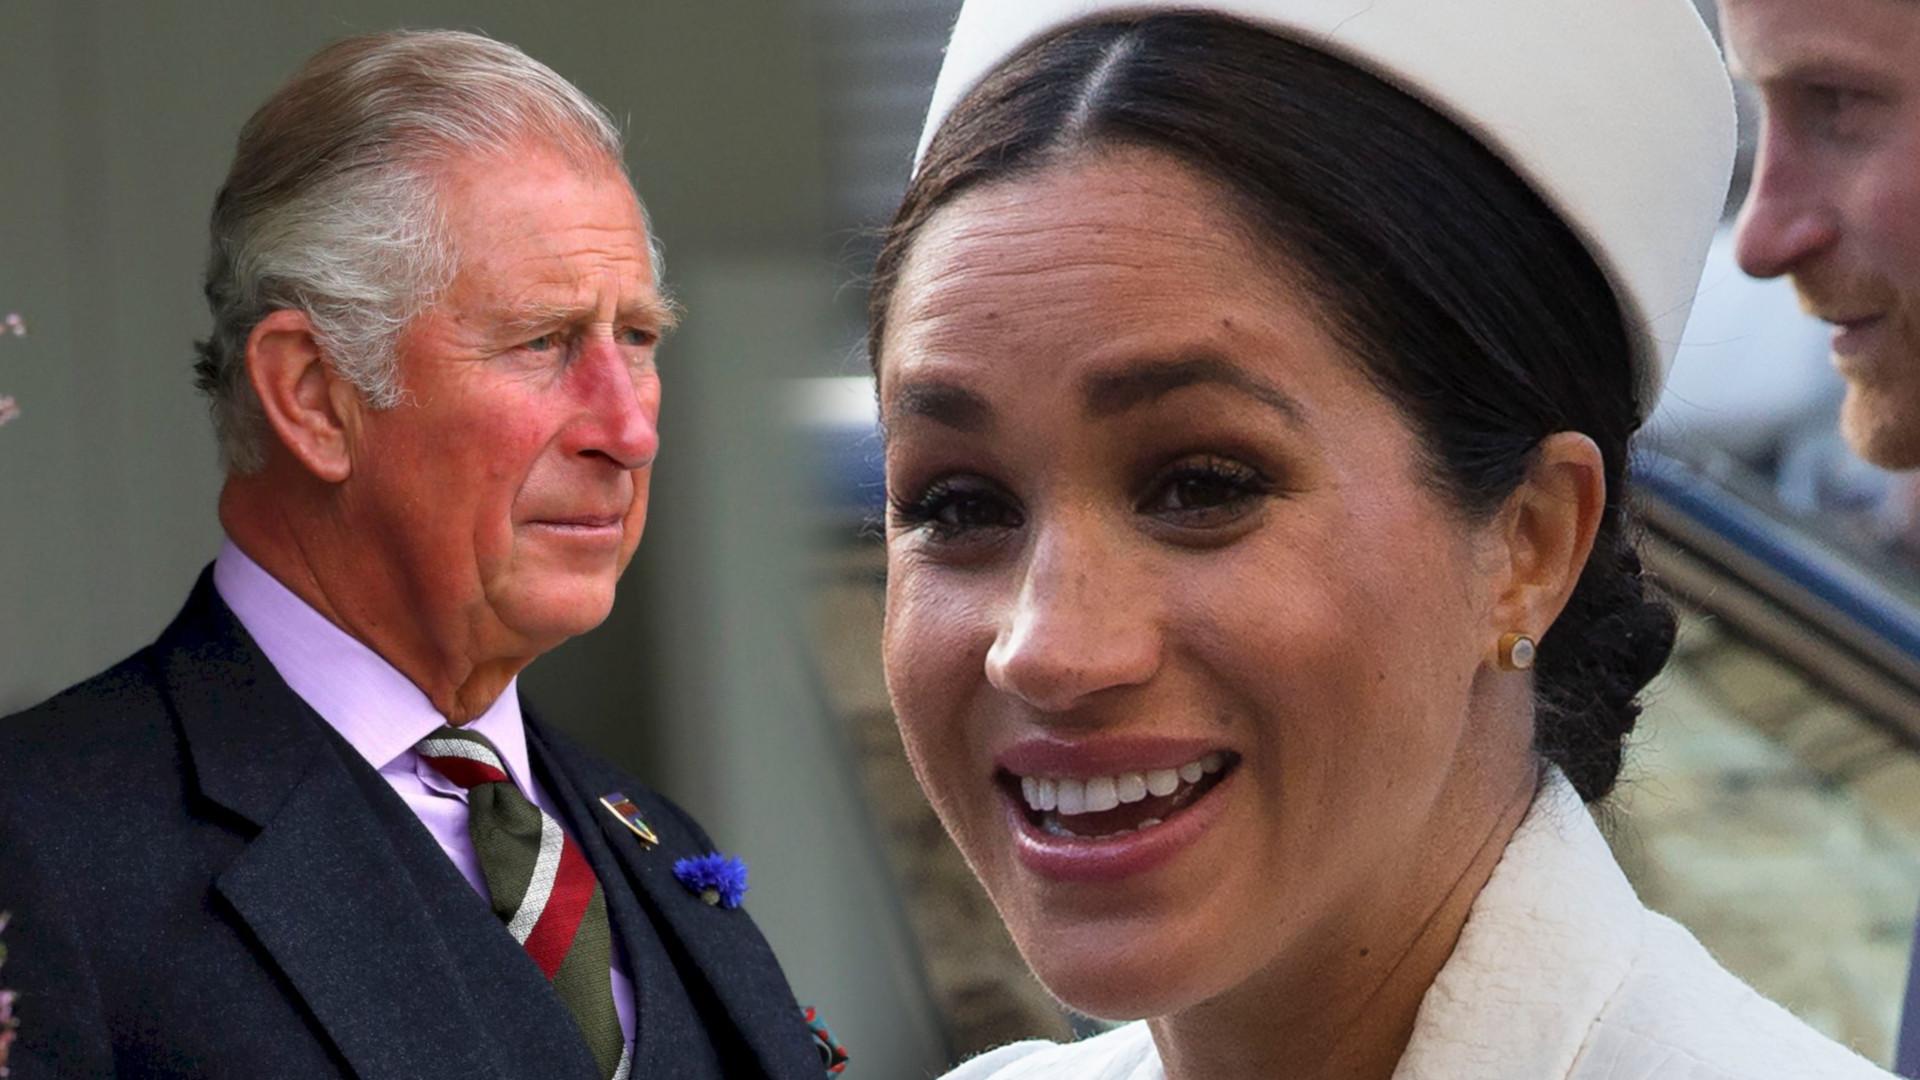 Meghan Markle wykonała DZIWNY gest, gdy zobaczyła Karola. Uznano to za WPADKĘ (VIDEO)